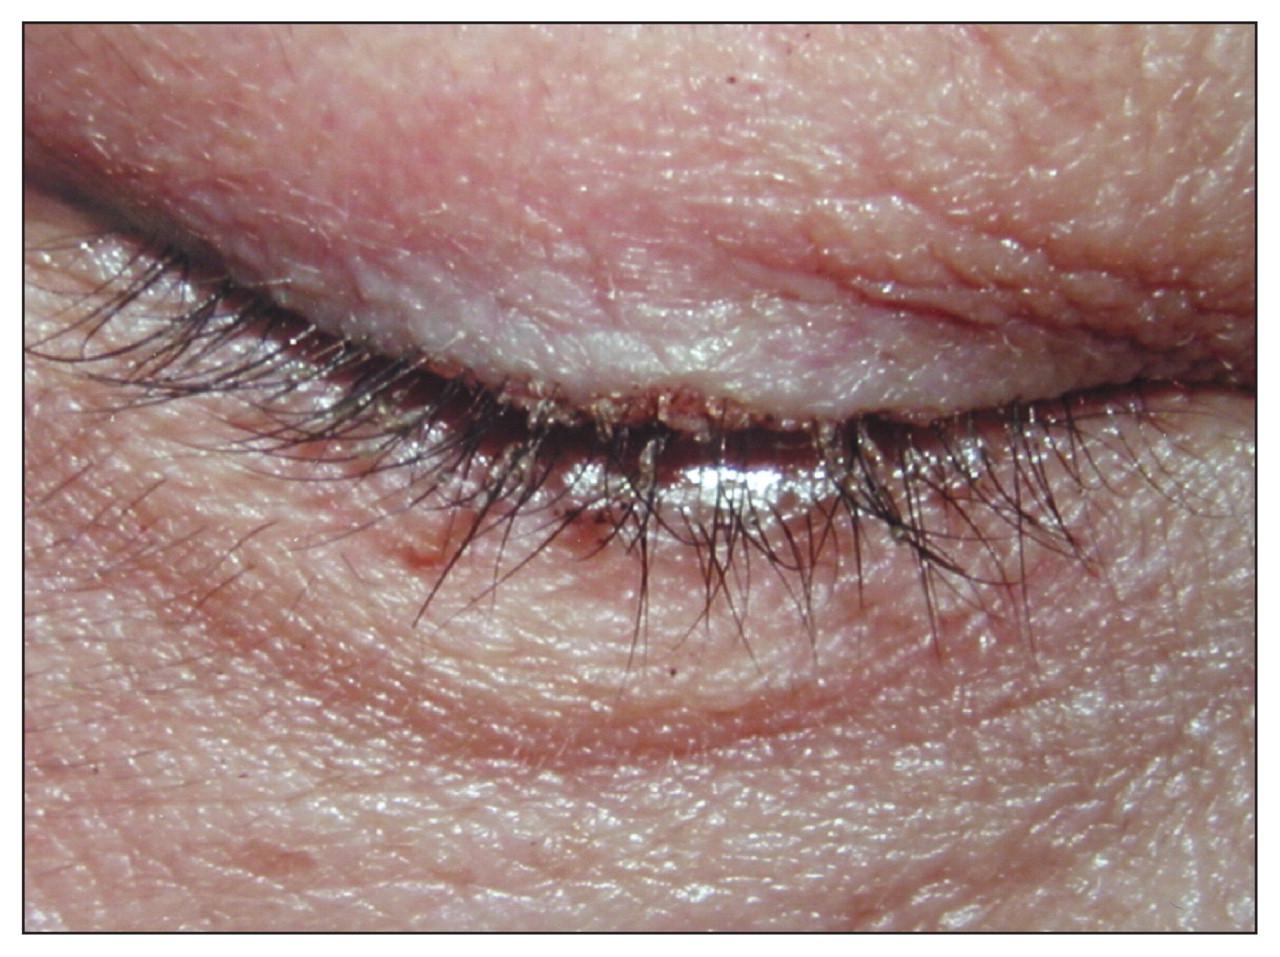 Infestation Of The Eyelashes With Phthirus Pubis Cmaj